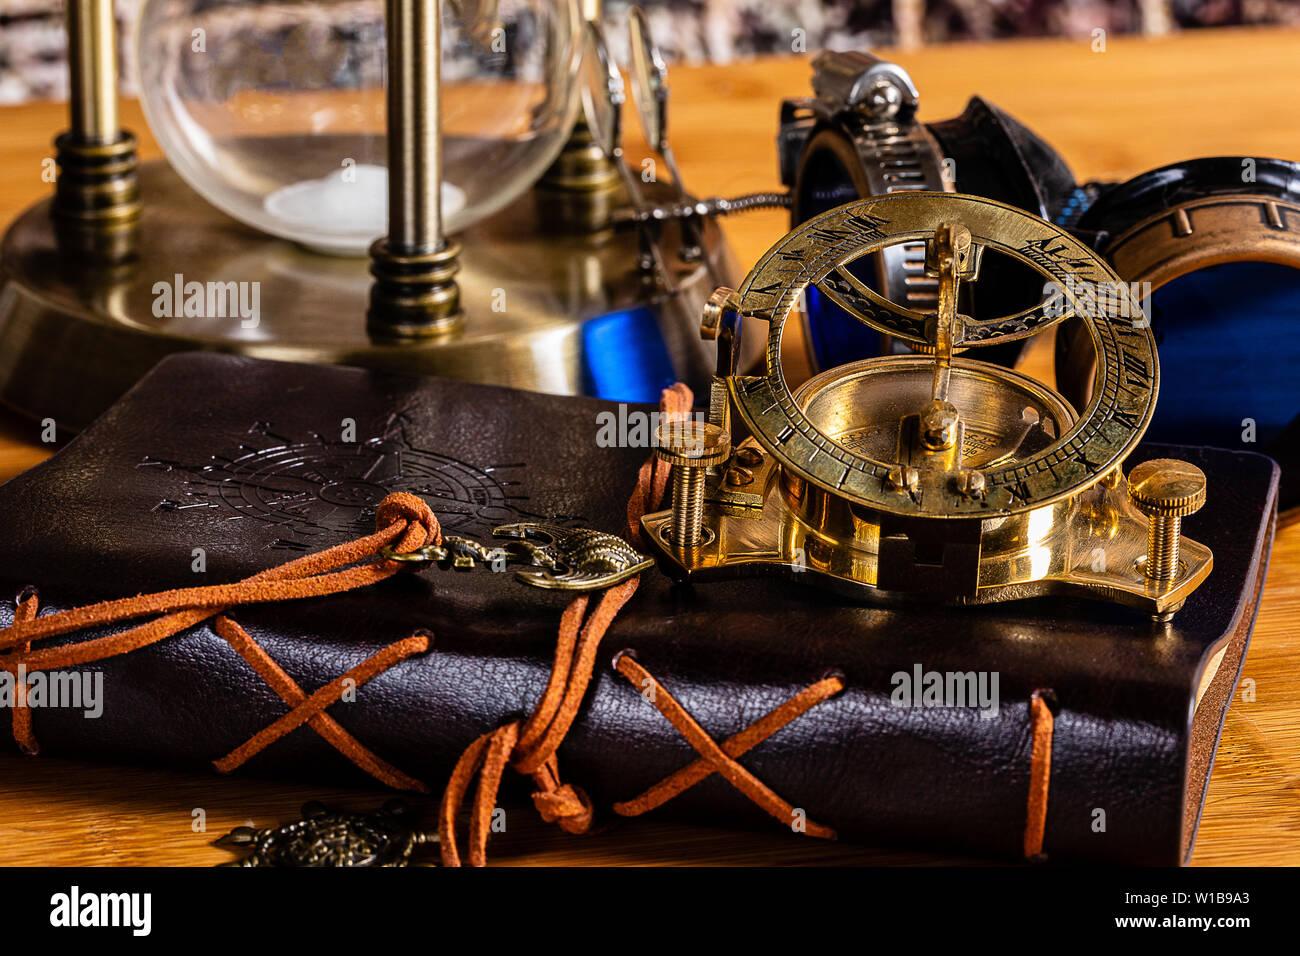 nautical compass stockfotos nautical compass bilder alamy. Black Bedroom Furniture Sets. Home Design Ideas